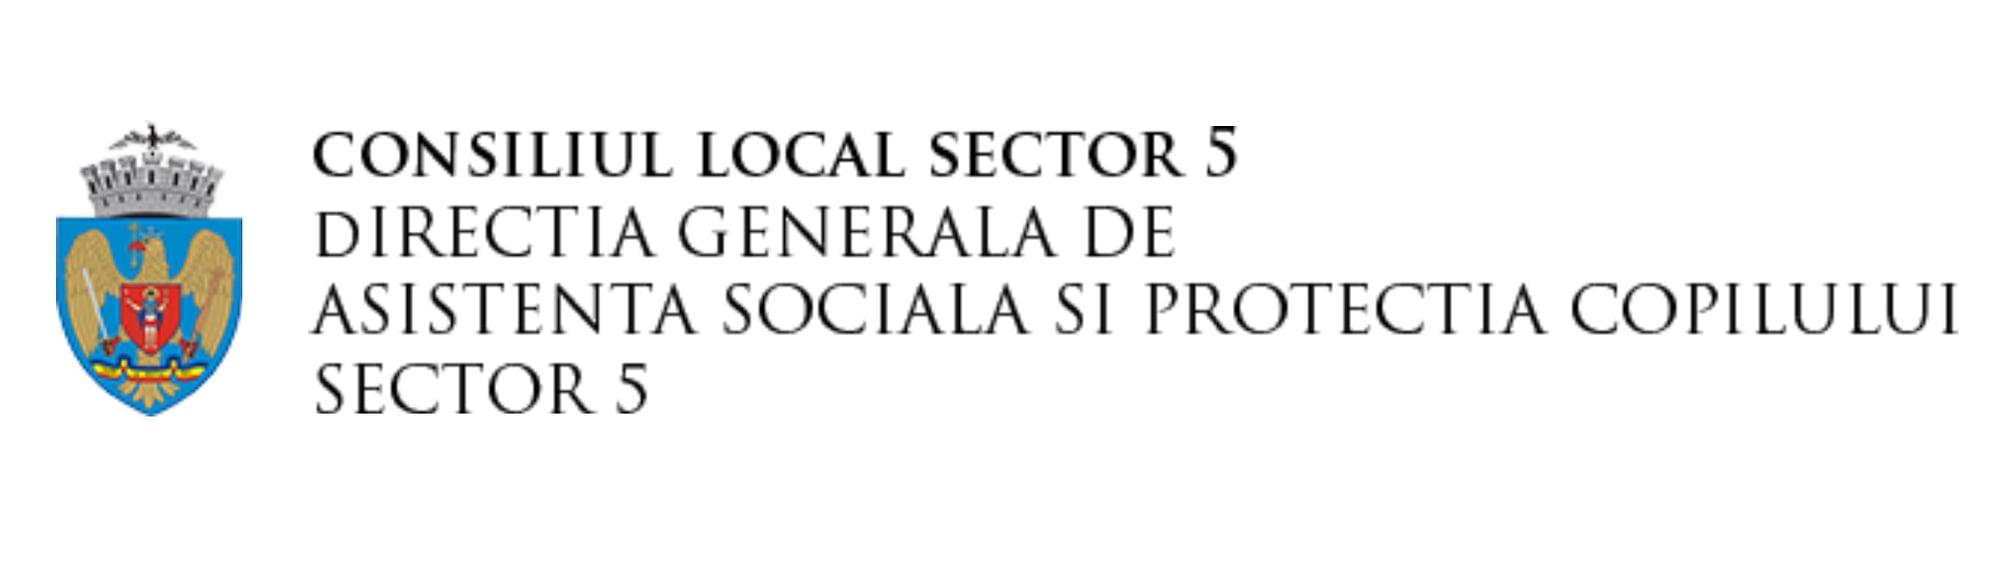 """A fost aprobată cererea de finanțare pentru proiectul """"Consolidarea capacității DGASPC Sector 5 de gestiune a crizei sanitare COVID-19 pentru beneficiarii și angajații din centrele sociale rezidențiale"""""""